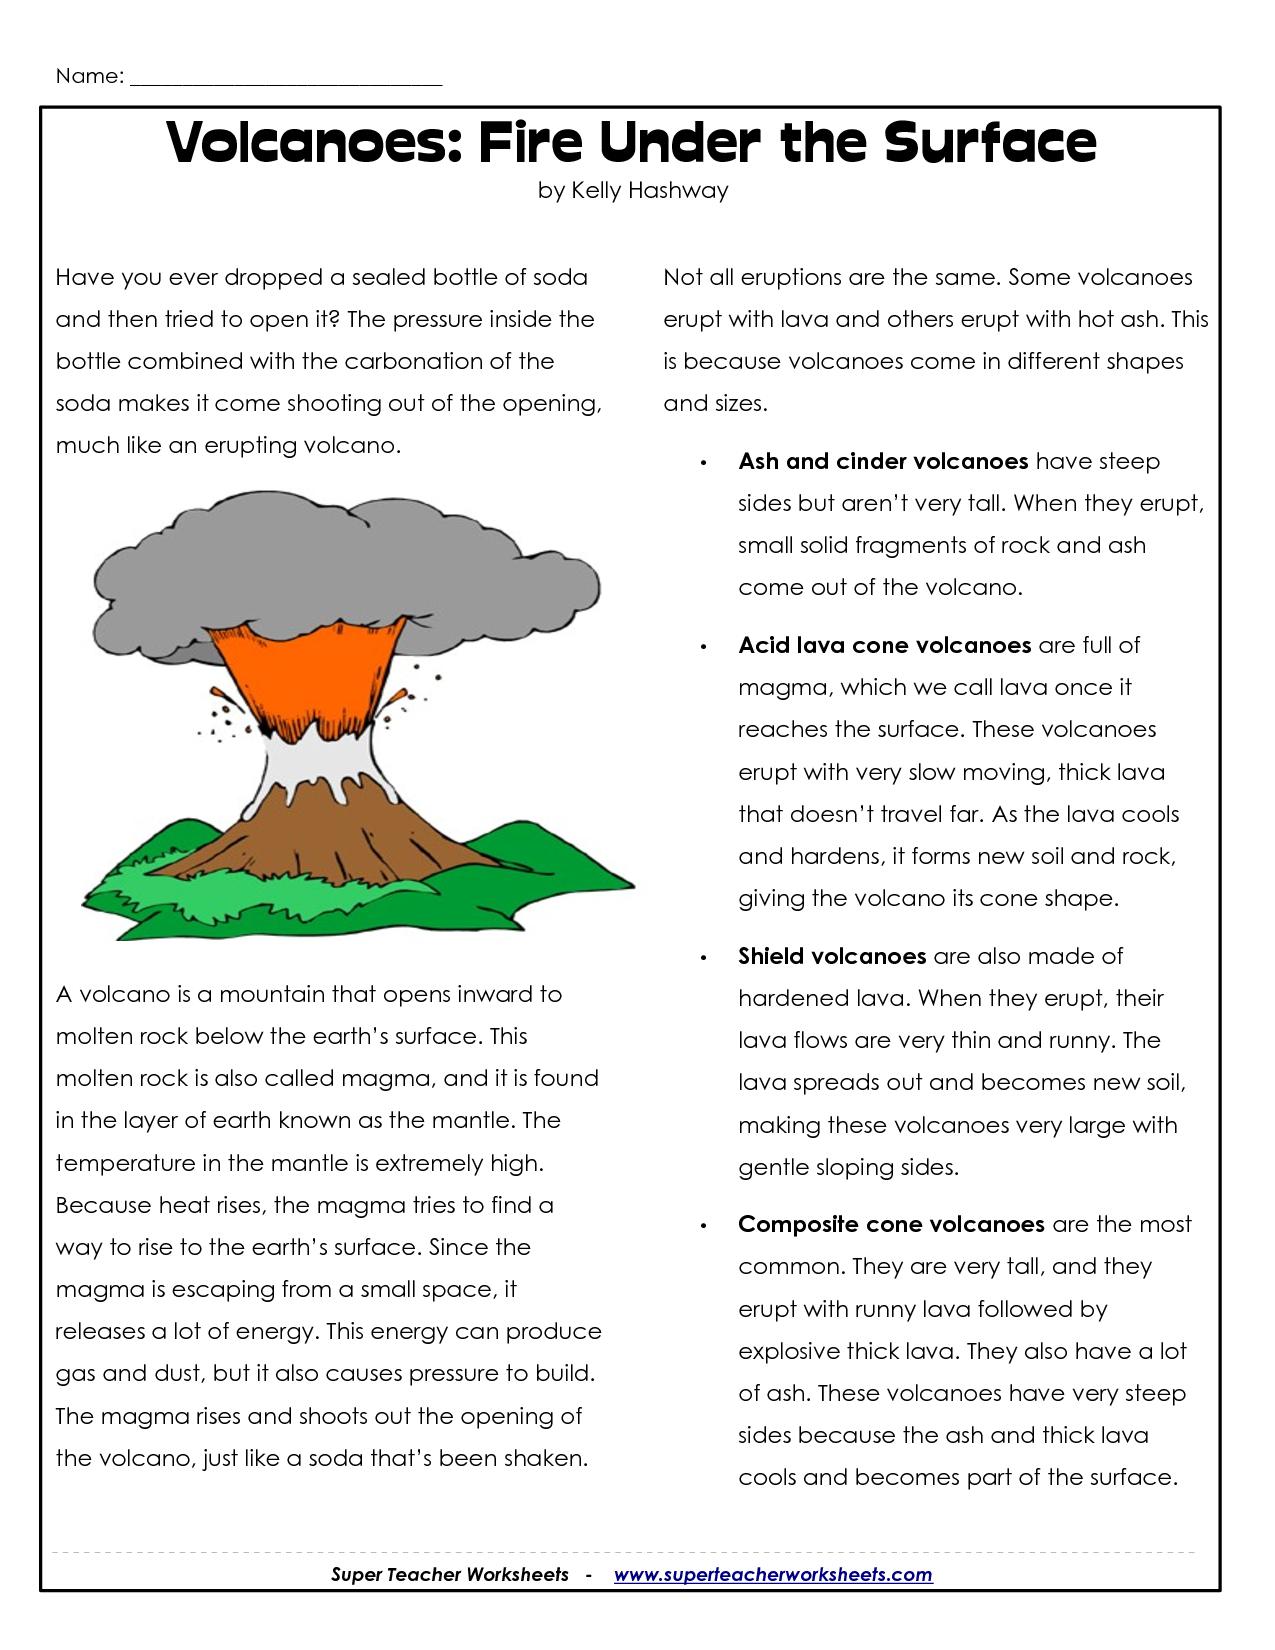 Parts Of A Volcano Printable | Volcano Worksheets | Science Lessons | Printable Volcano Worksheets